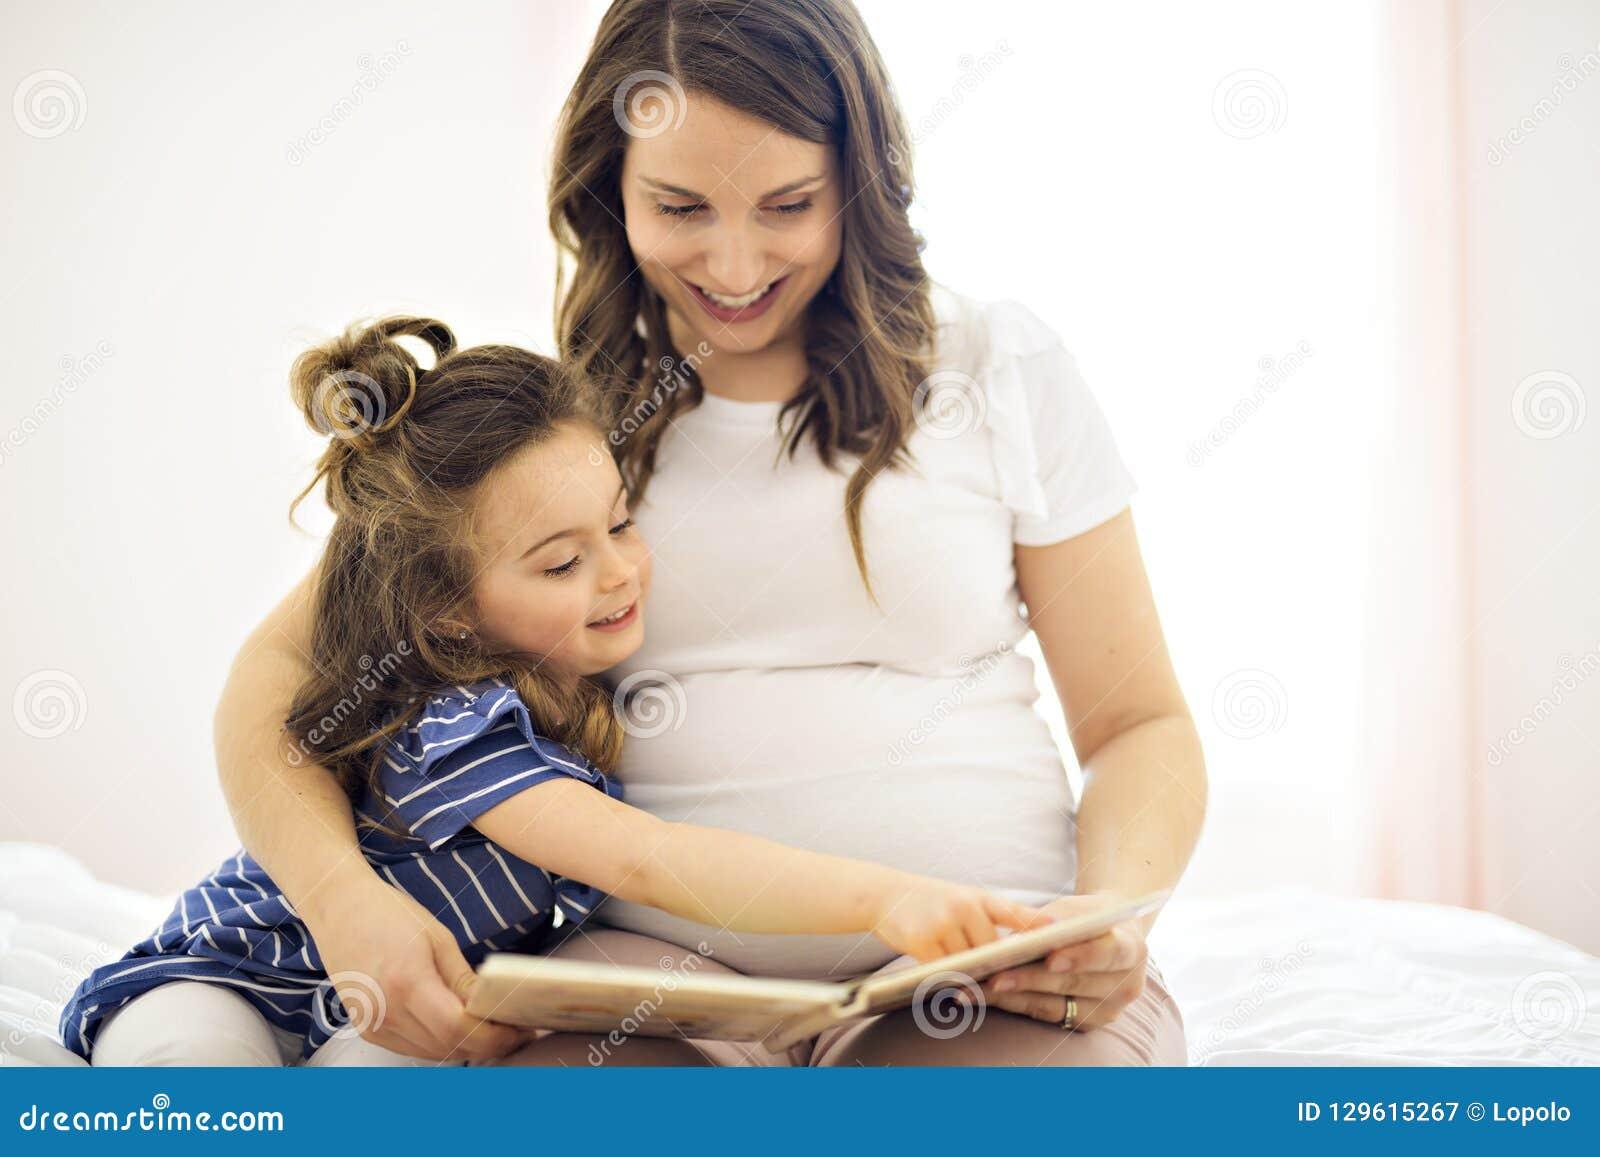 Porträt einer Mutter und der Tochter, die ein liegendes Buch und im Bett sich entspannen liest